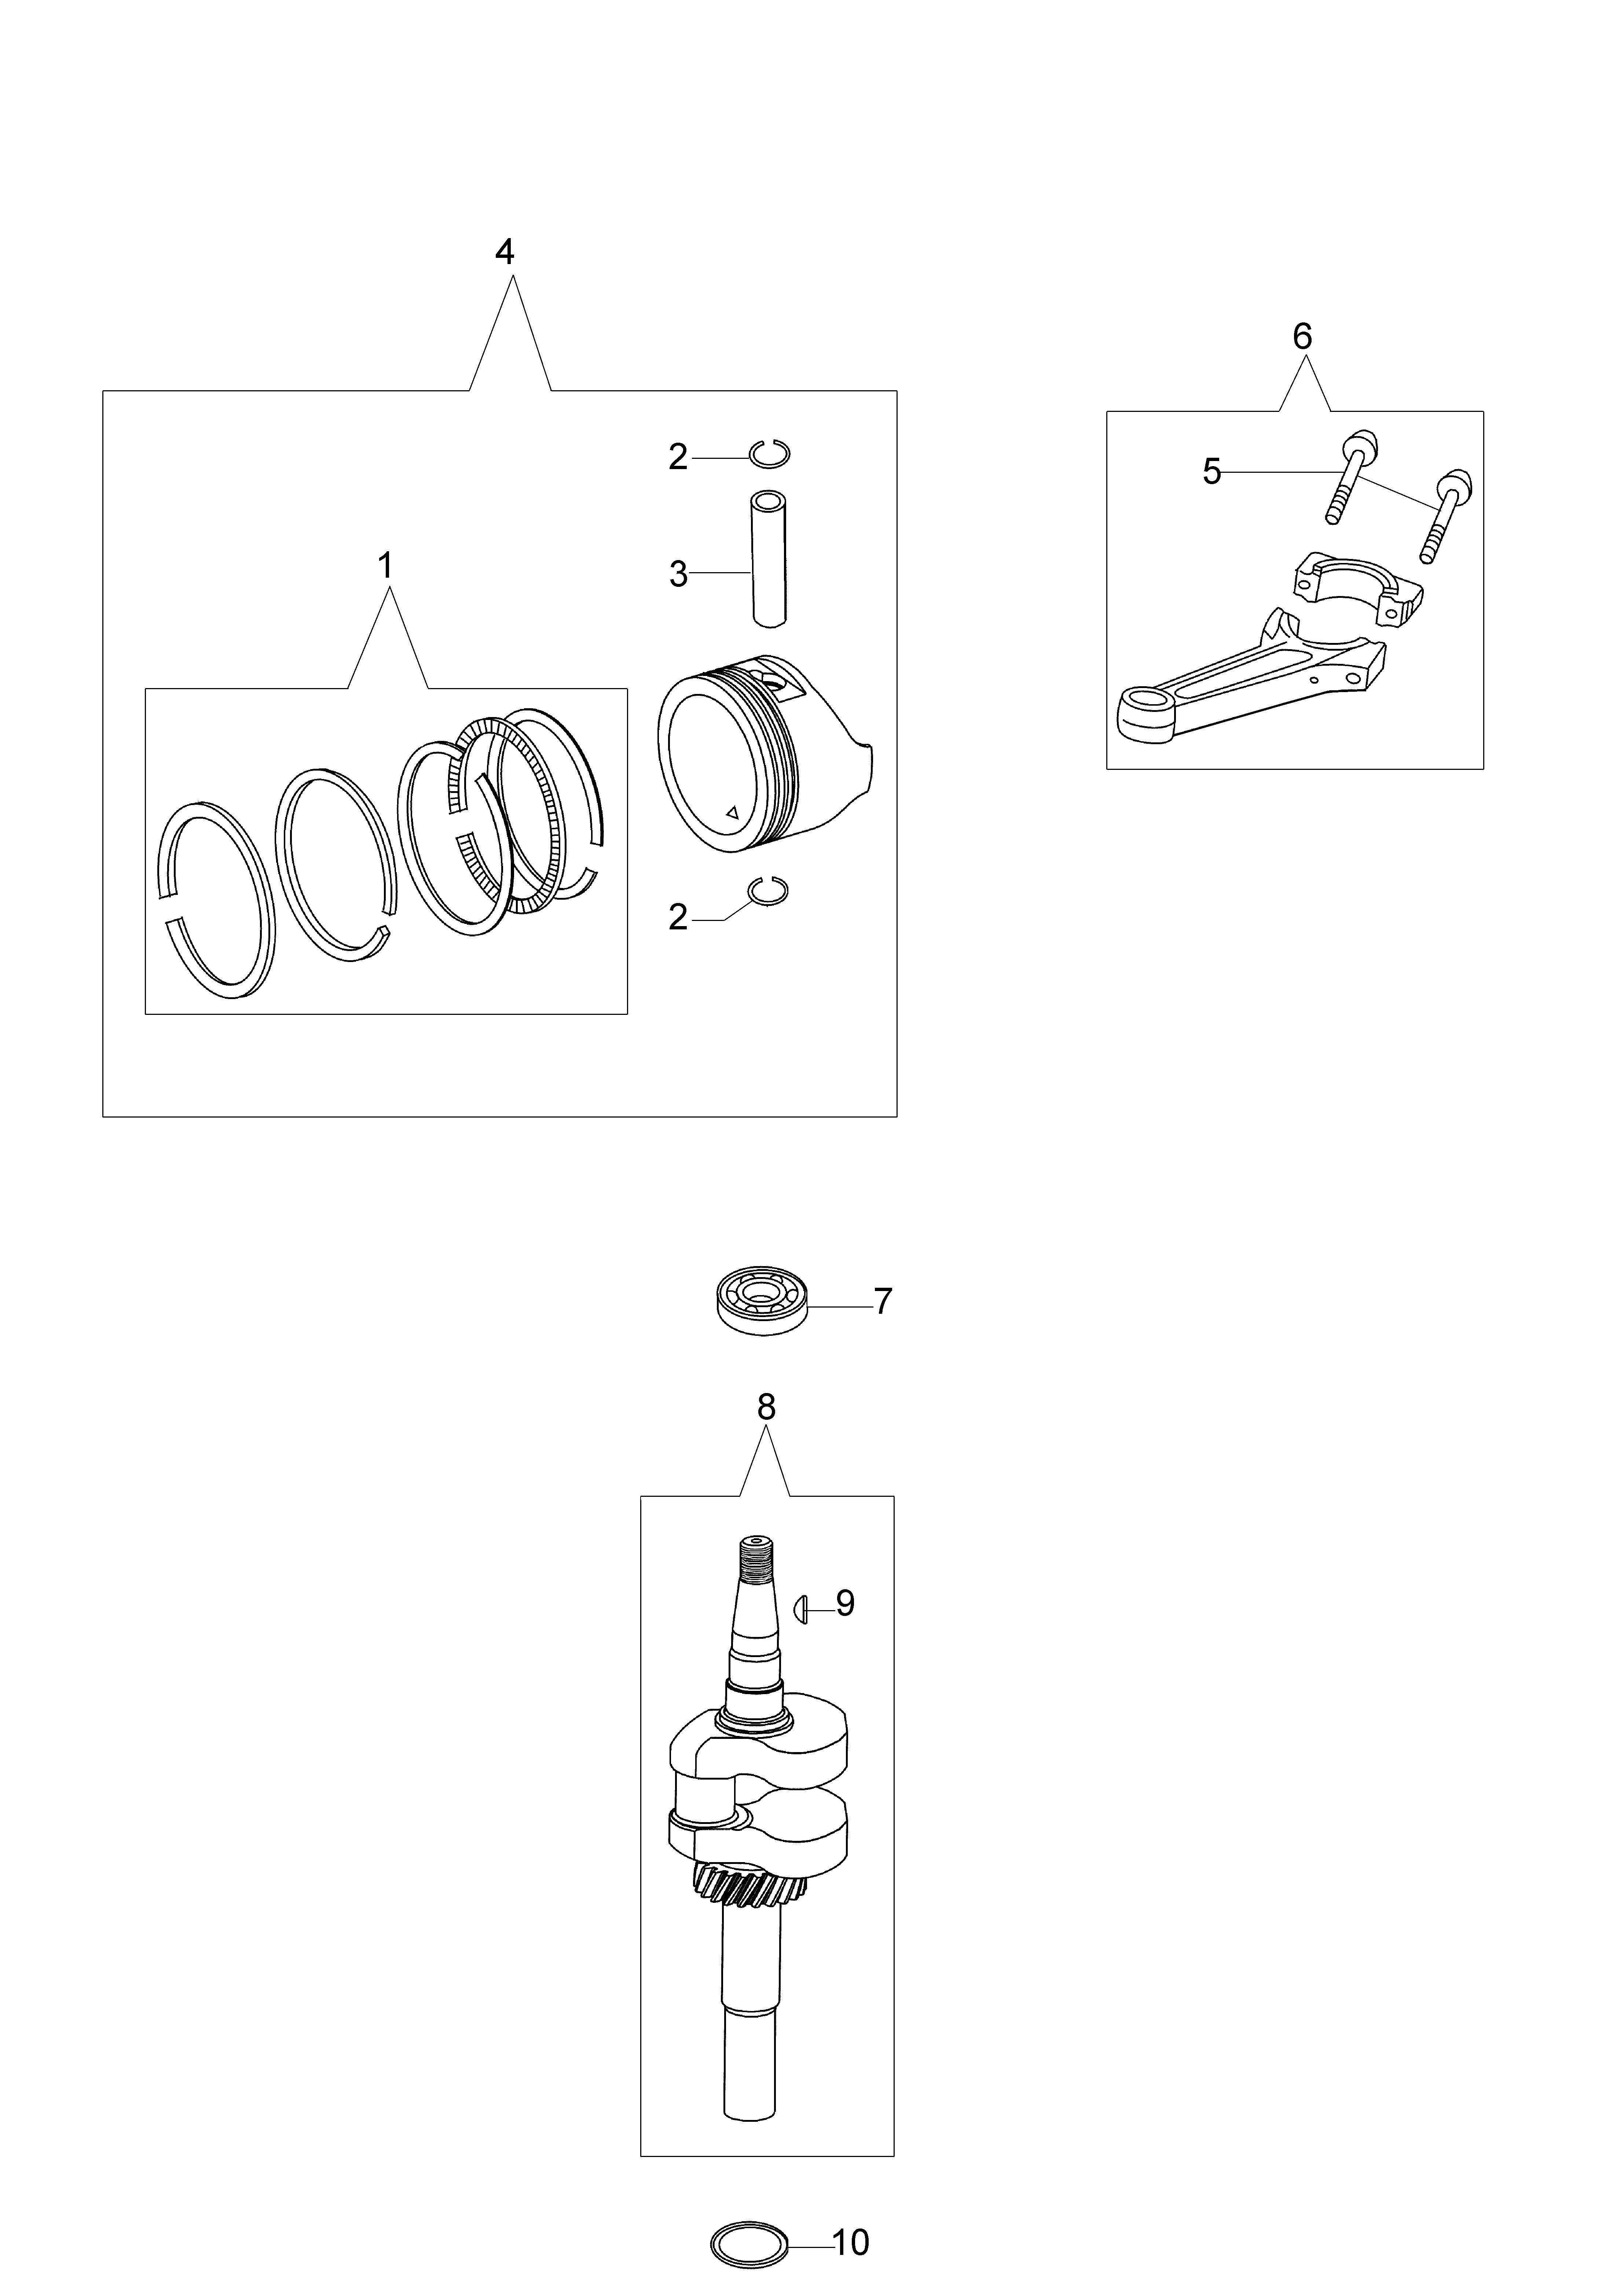 MOTEUR K700 emak  vue éclatée Dessins pièces -  Vilebrequin et piston